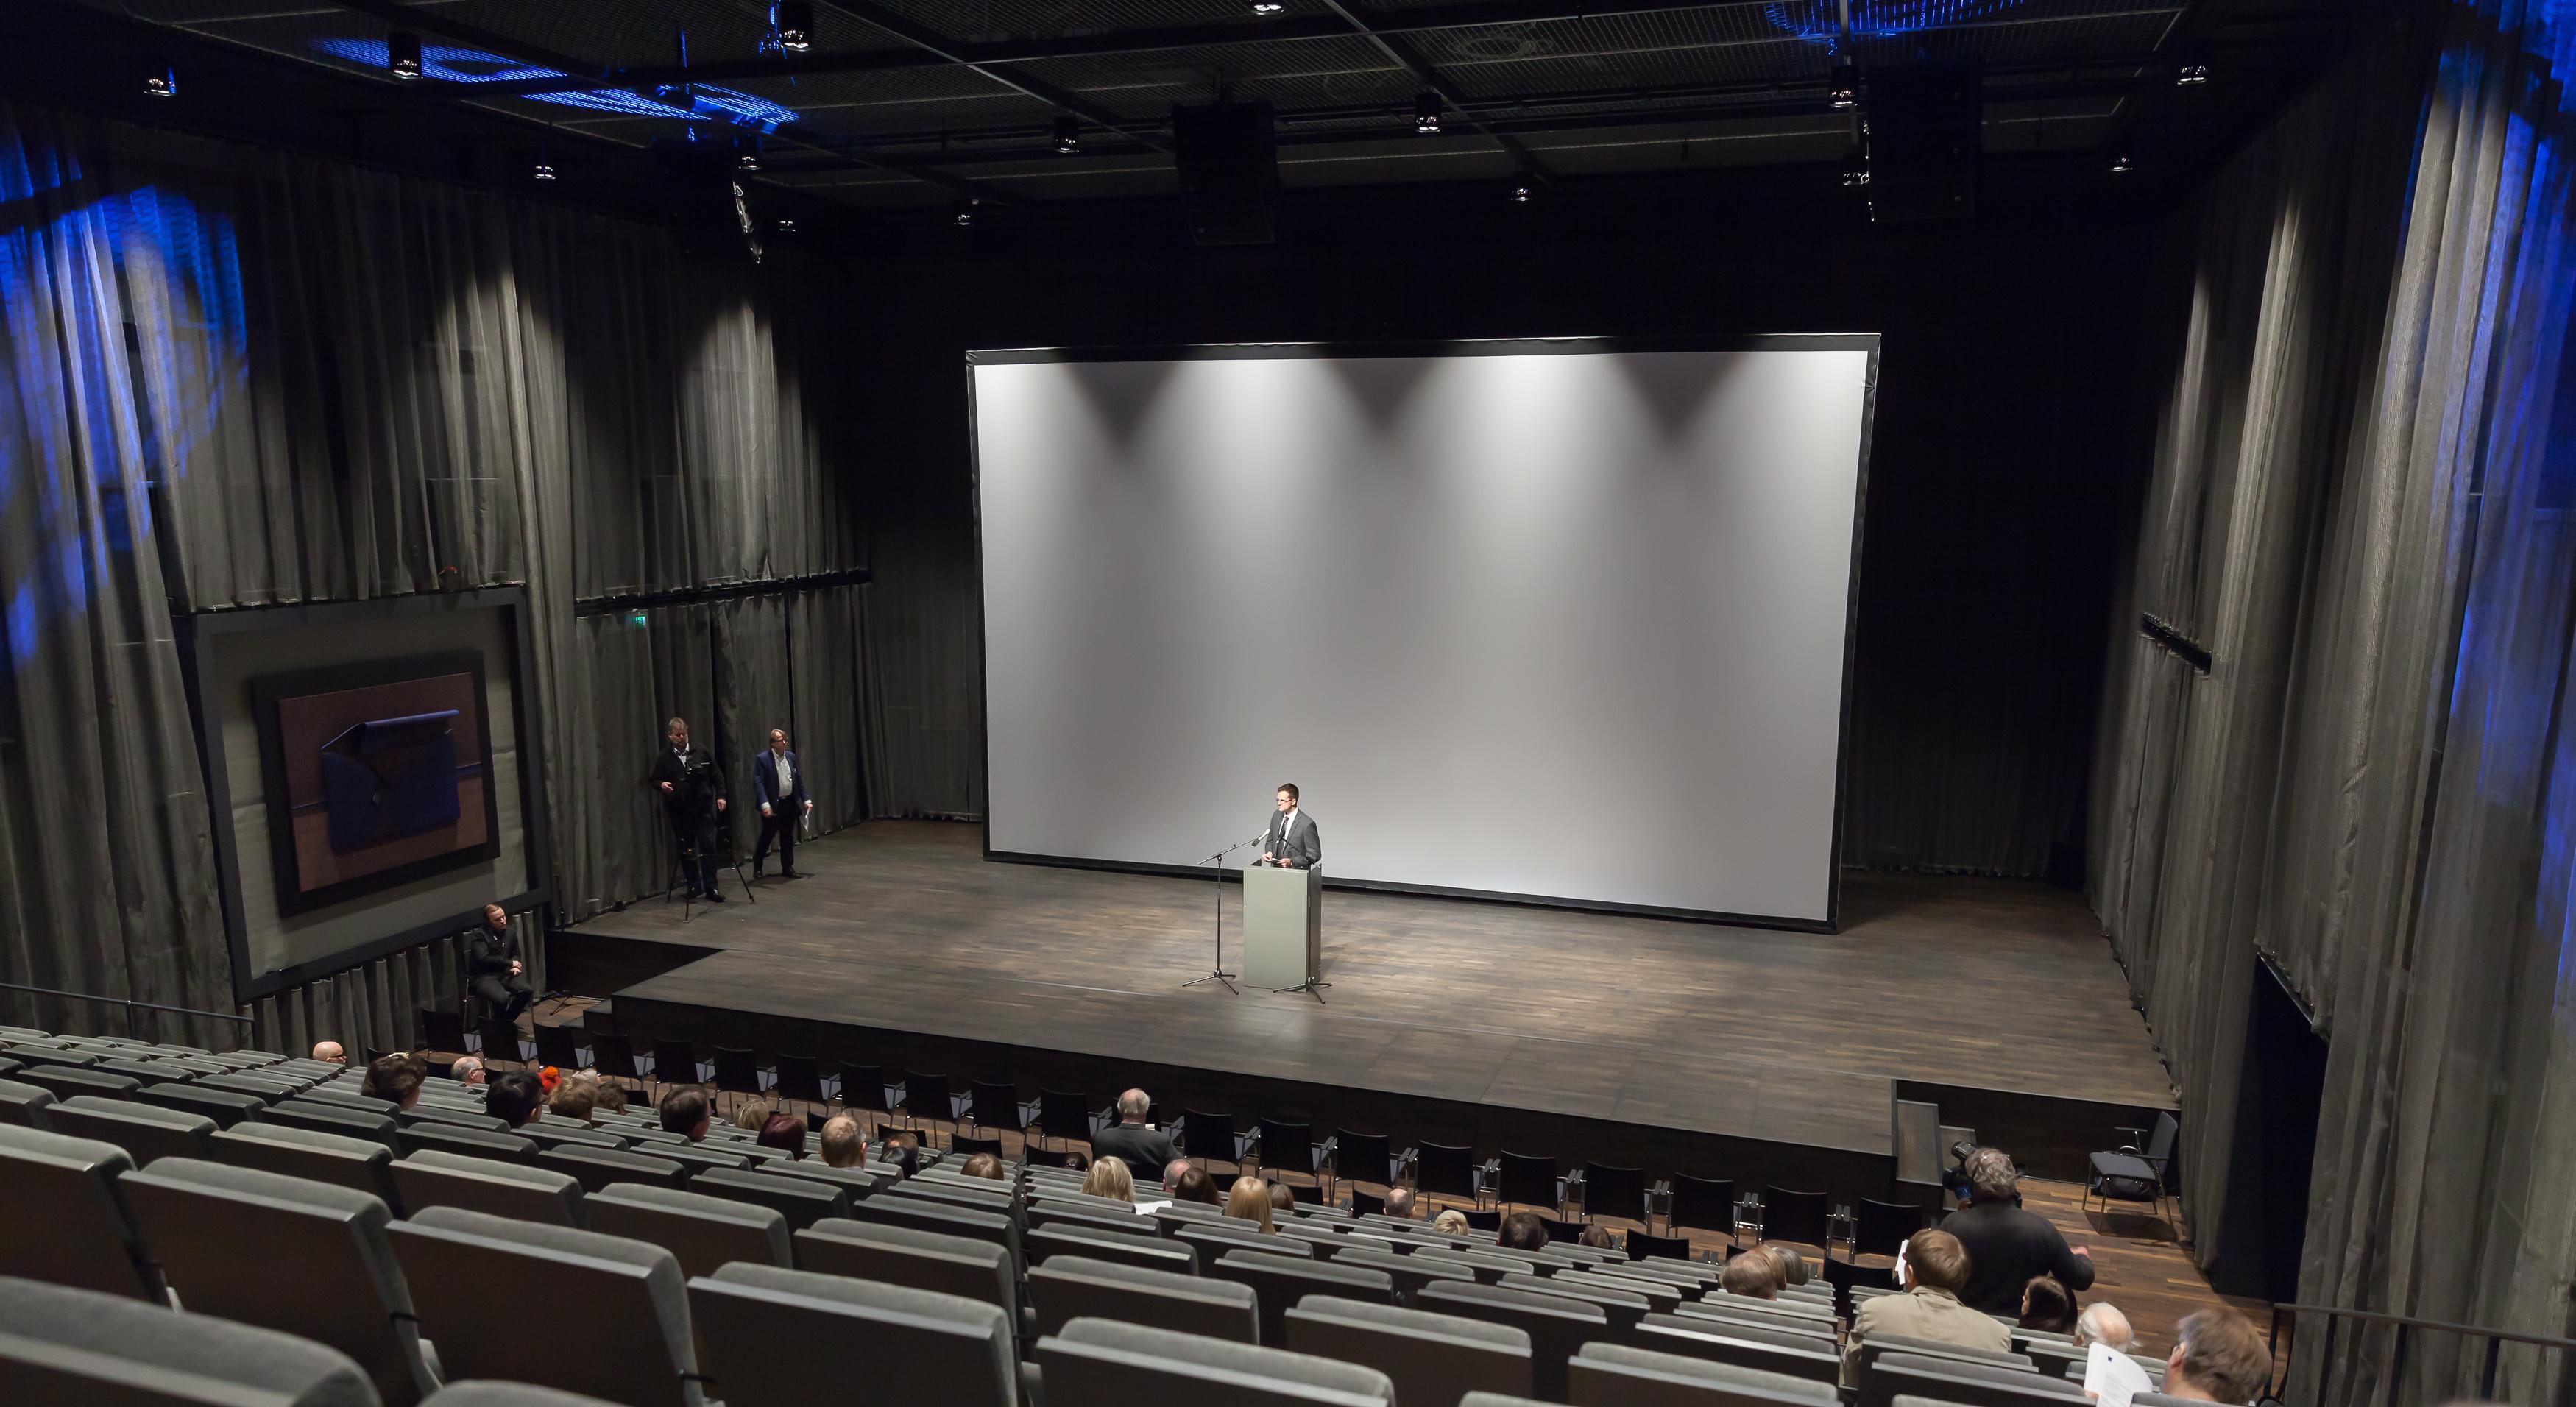 Kangasala-sali on viihtyisiä kokouspaikka alle 300 hengelle.